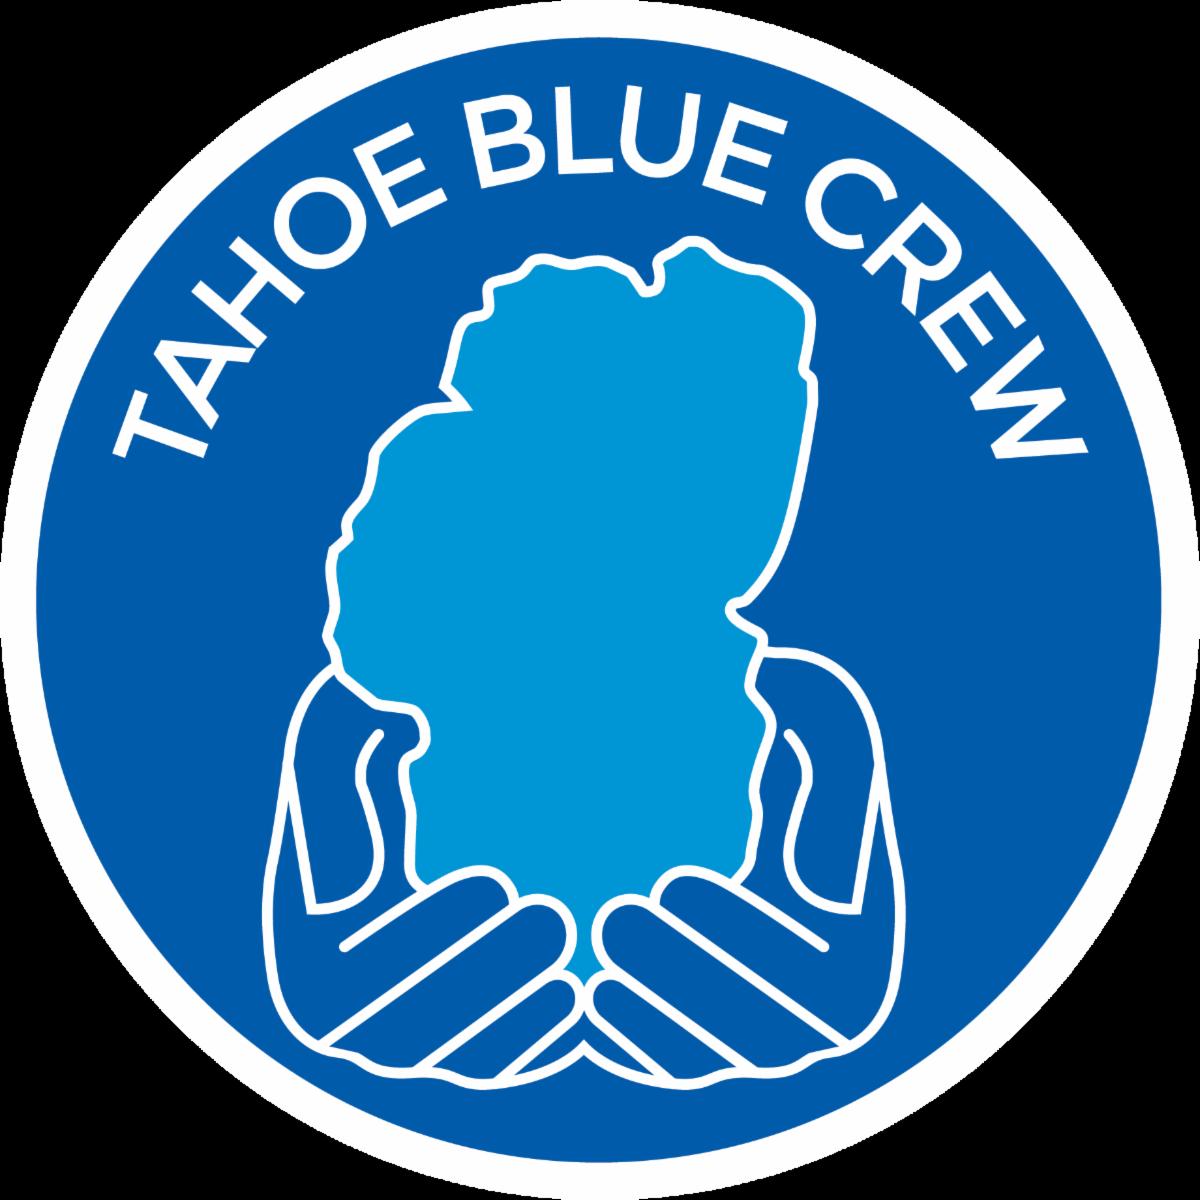 Tahoe Blue Crew